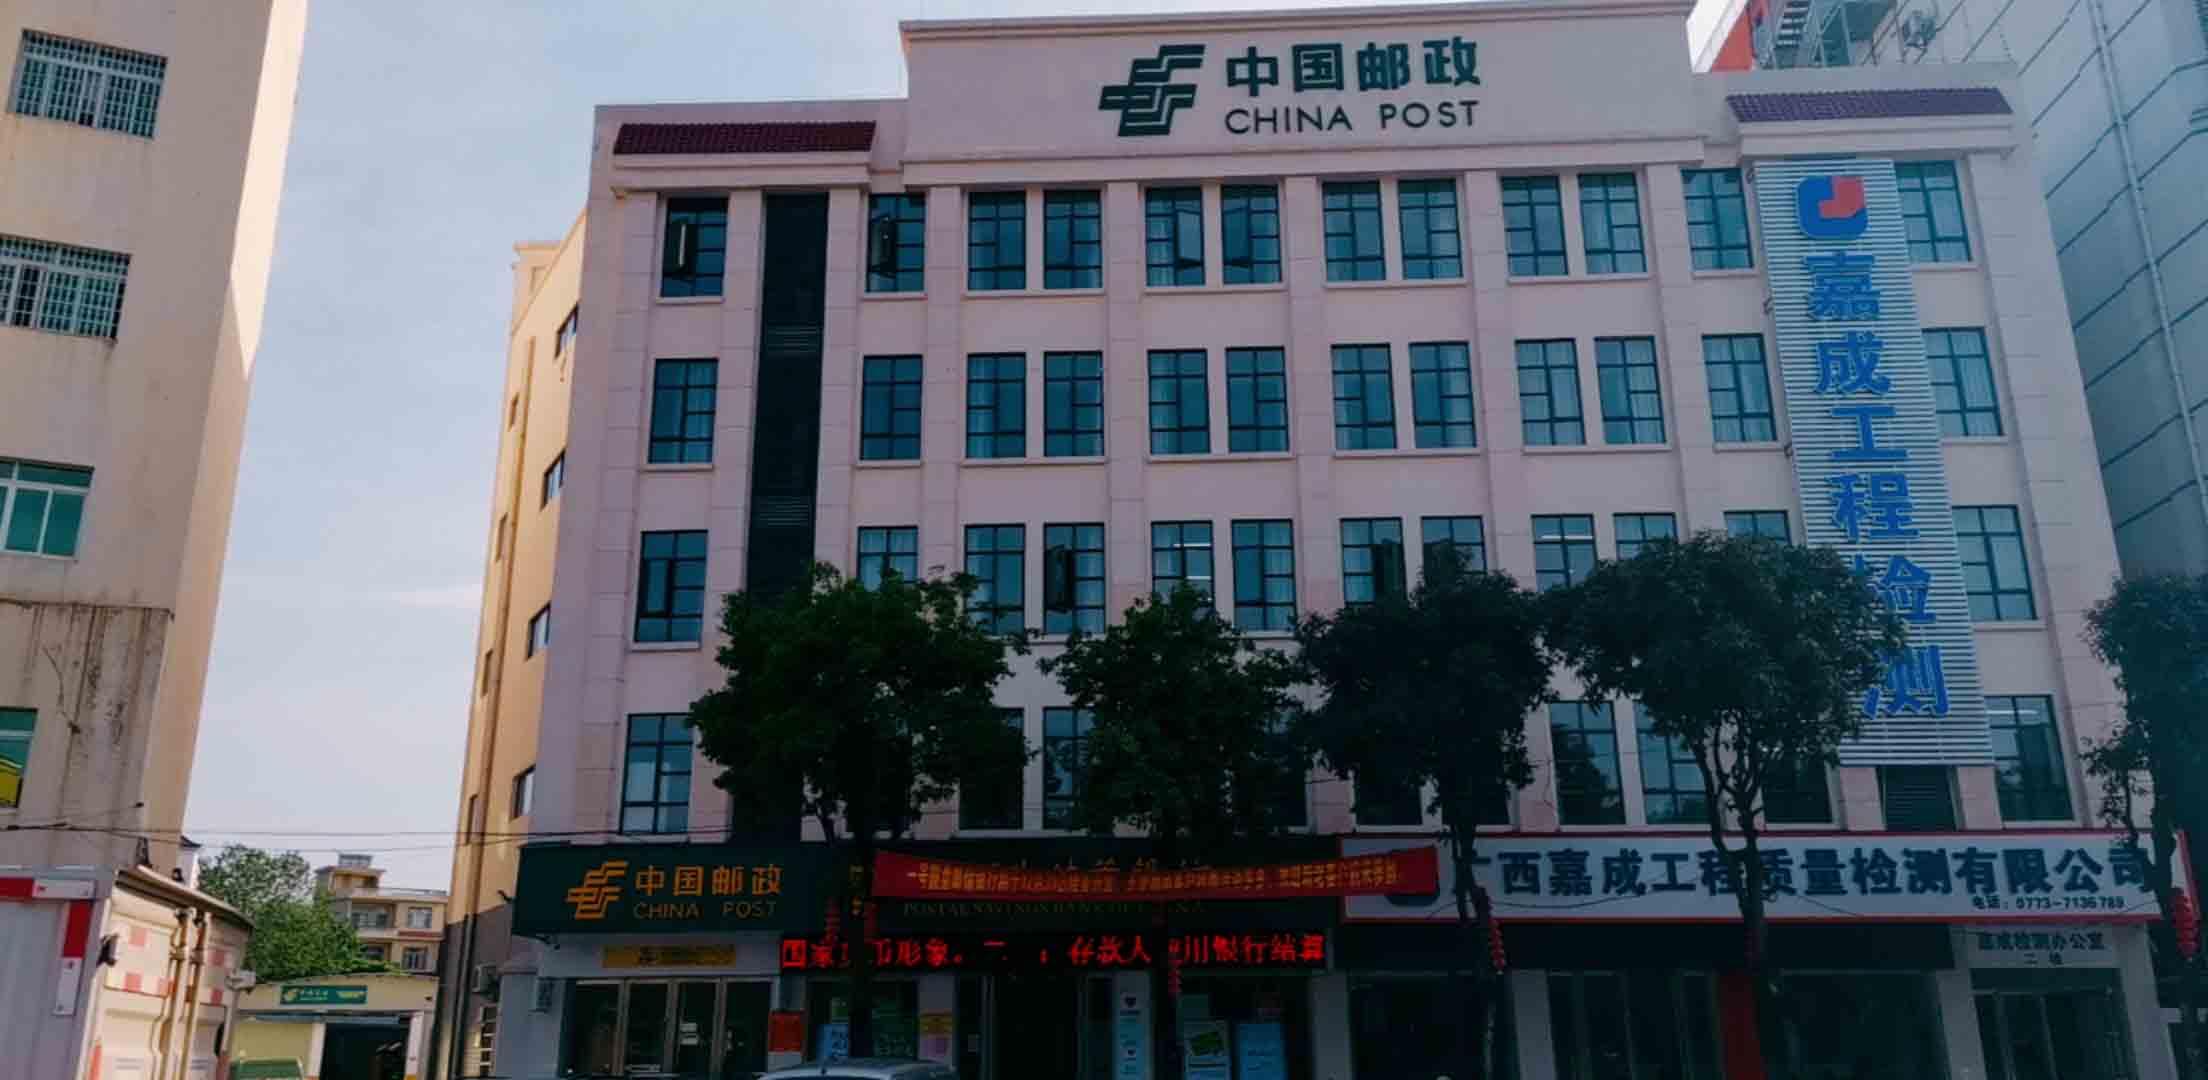 荔浦邮政.jpg